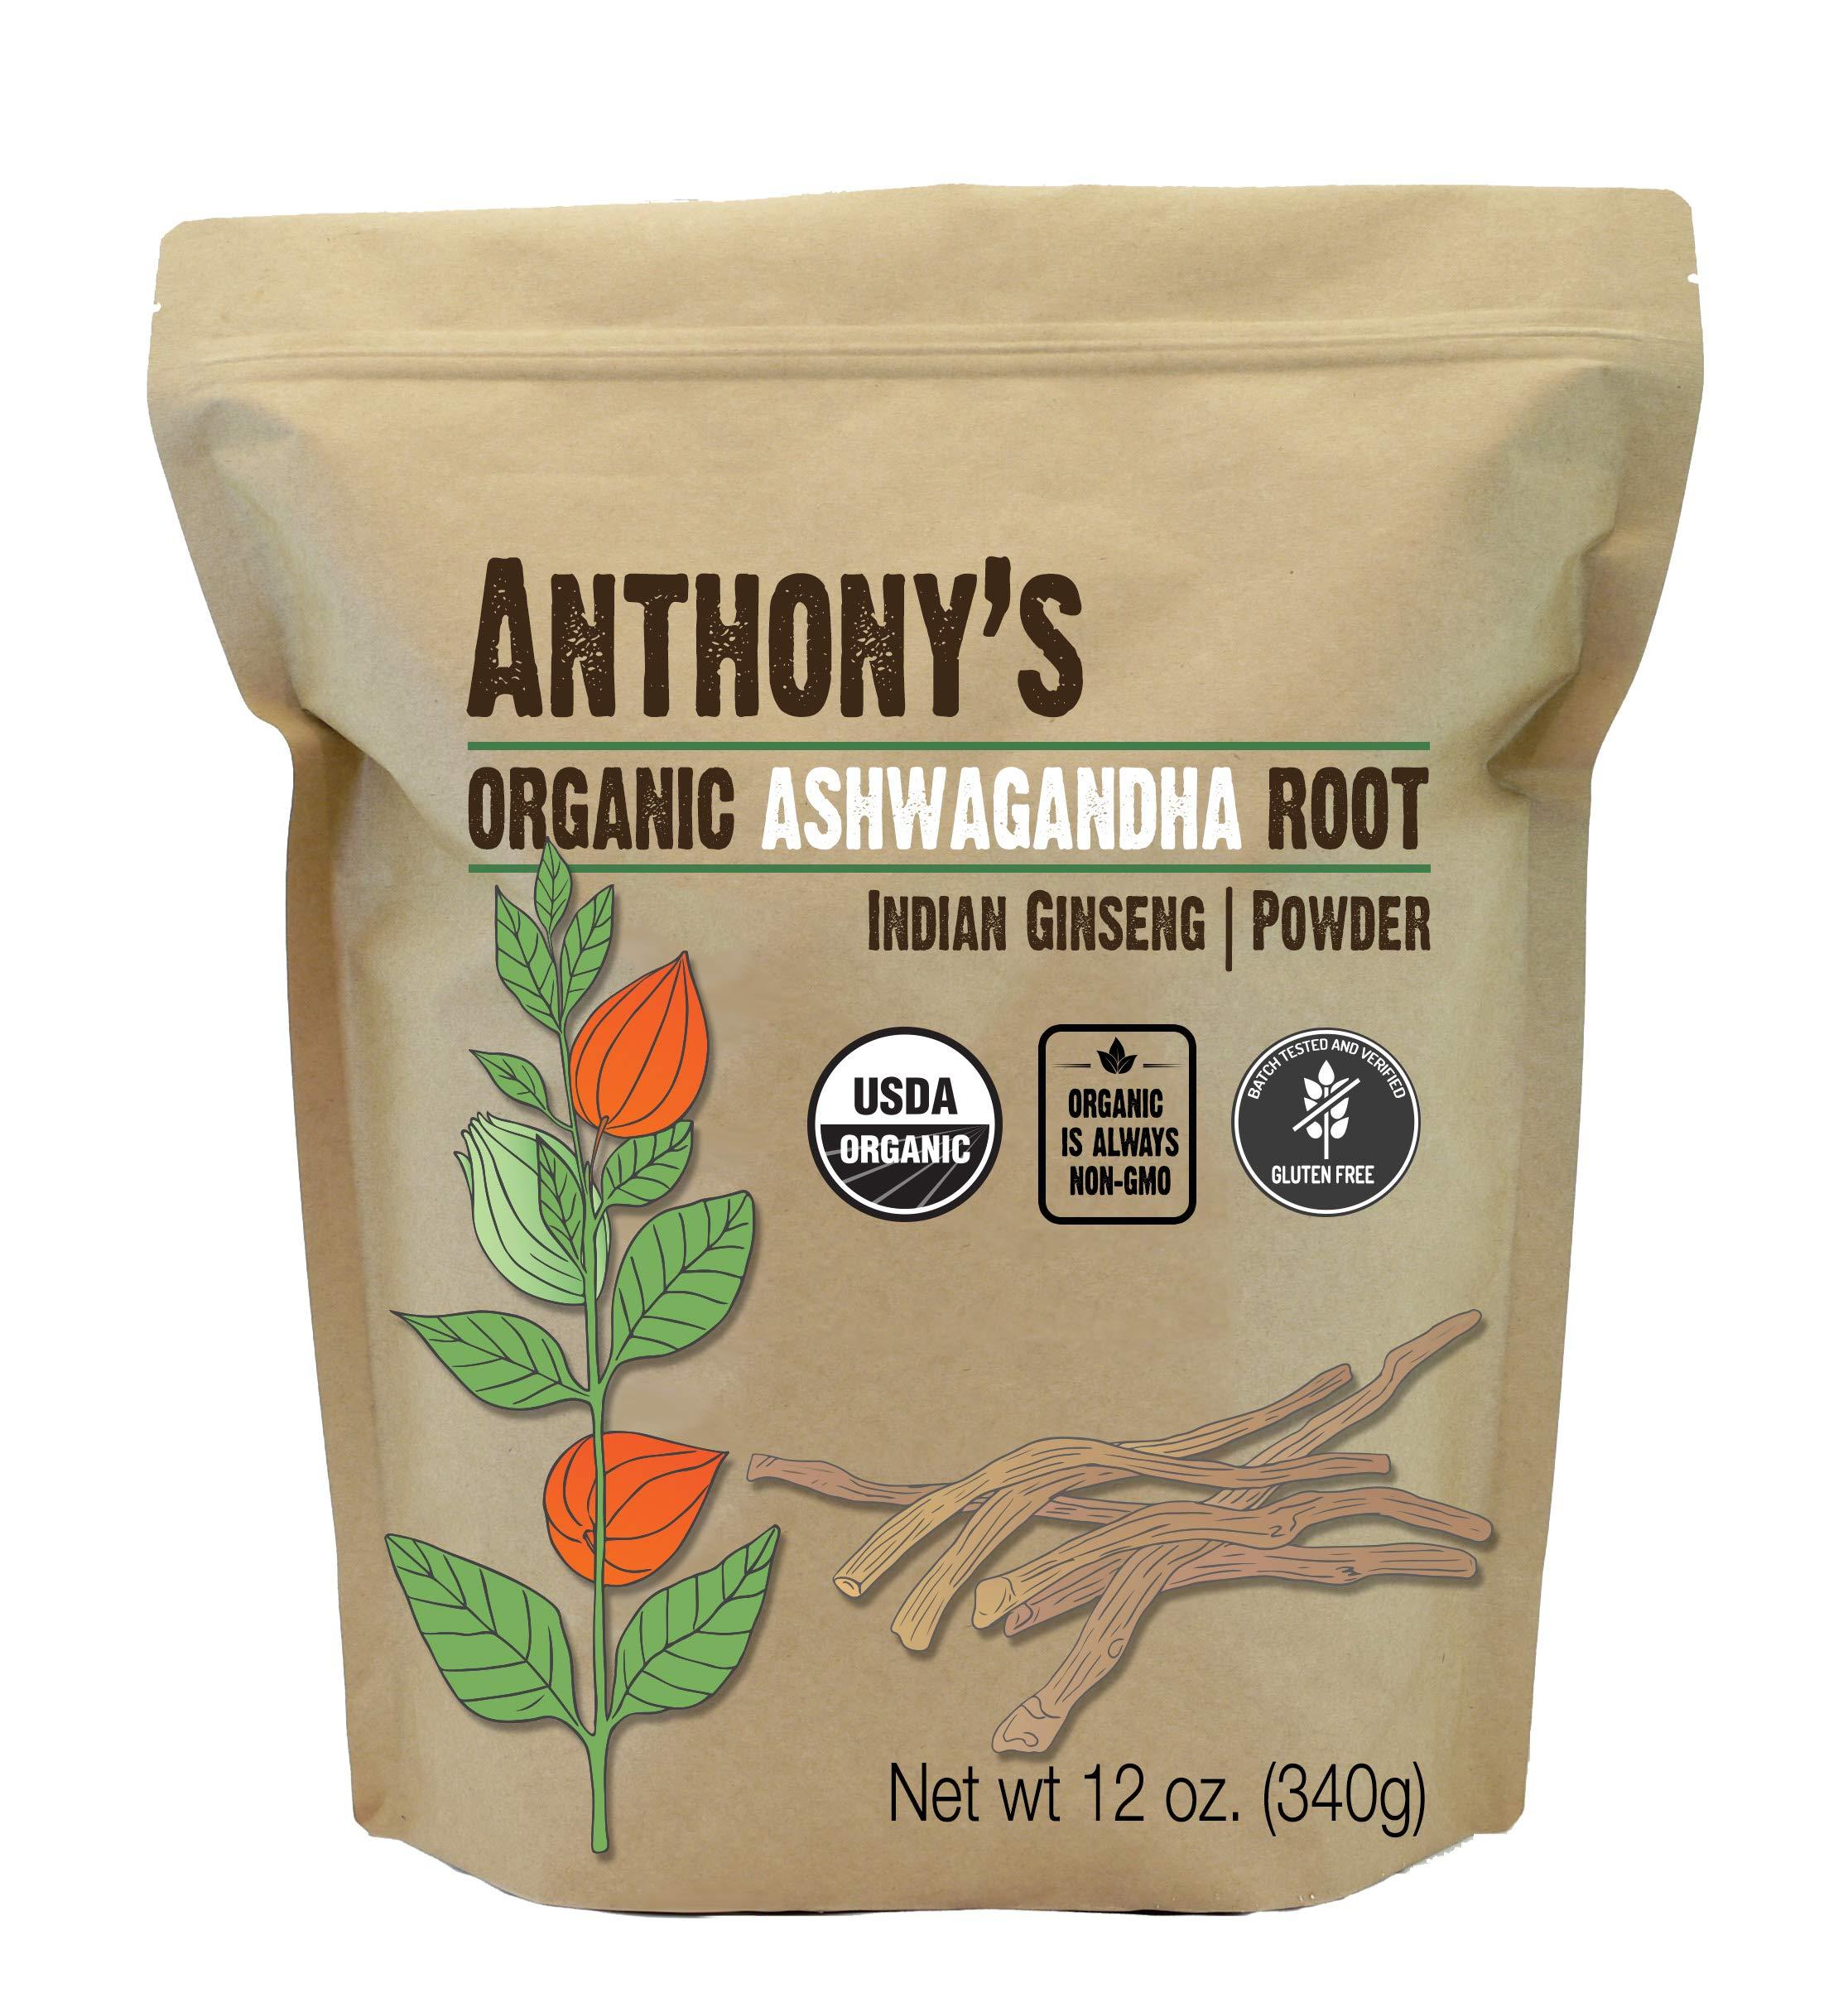 Anthony's Organic Ashwagandha Powder (12 oz) Batch Tested Gluten Free, Indian Ginseng, Non-GMO